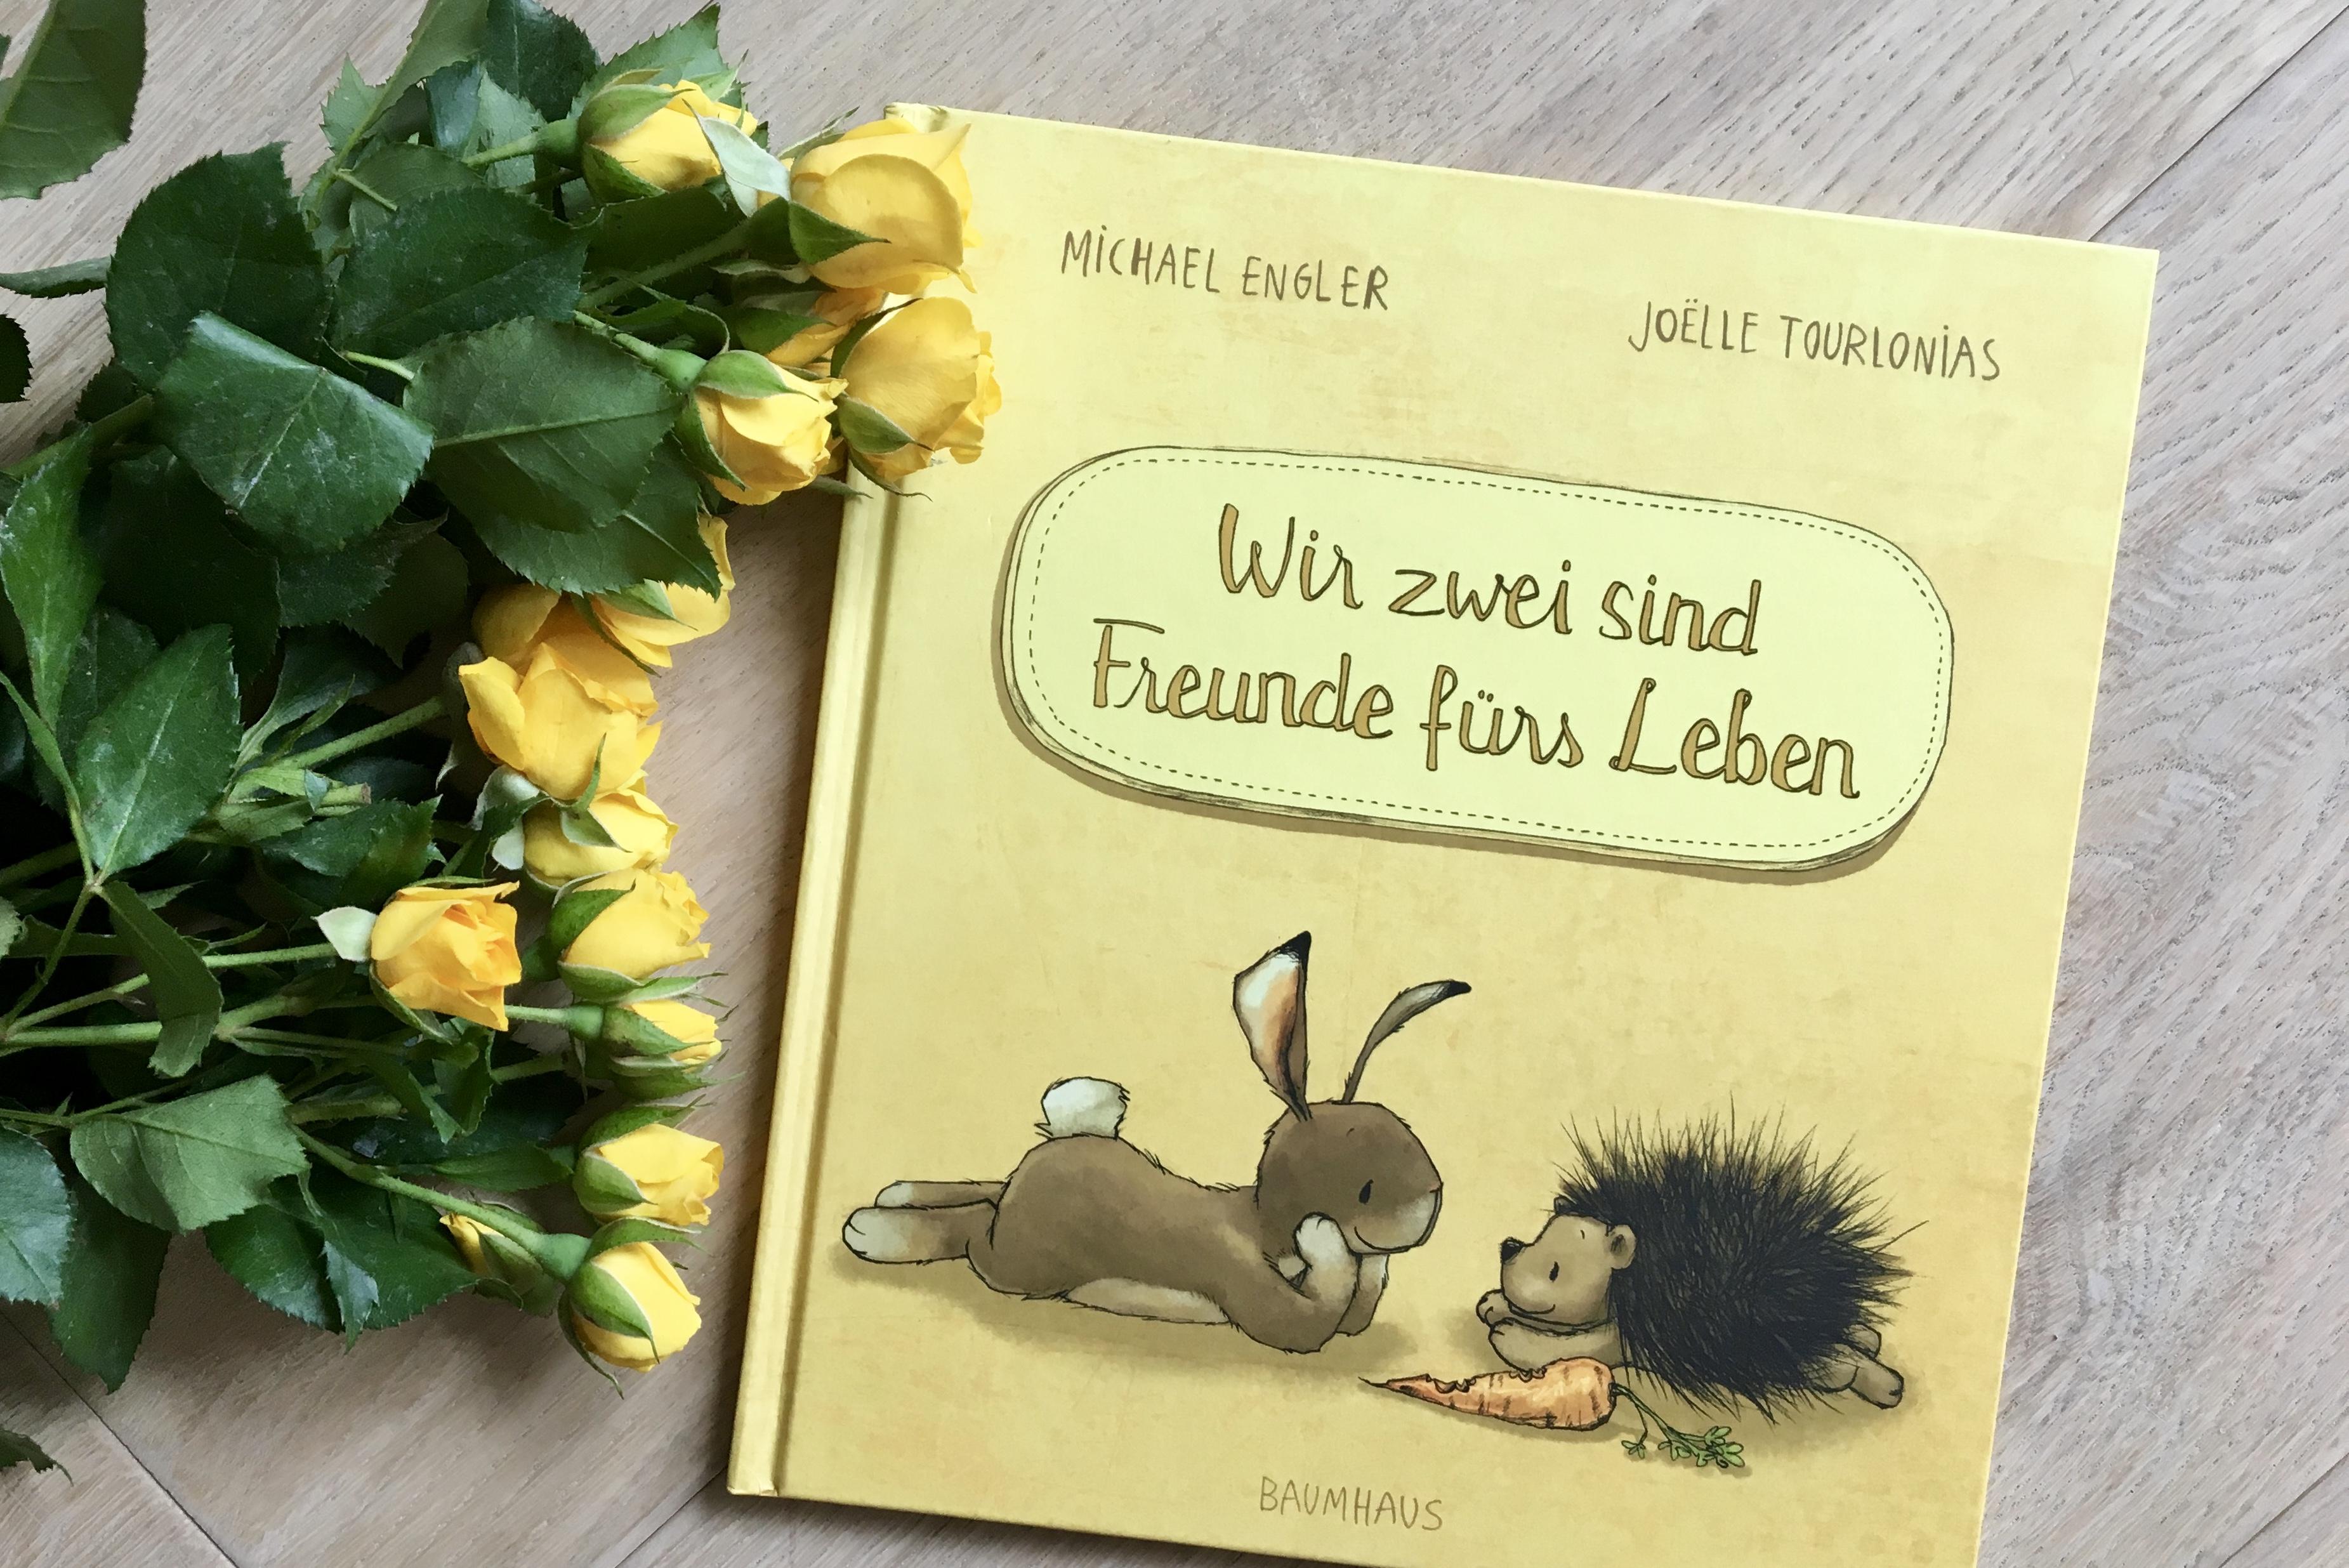 Wir zwei sind Freunde fürs Leben von Michael Engler (Text) und Joelle Tourlonias (Illustration)